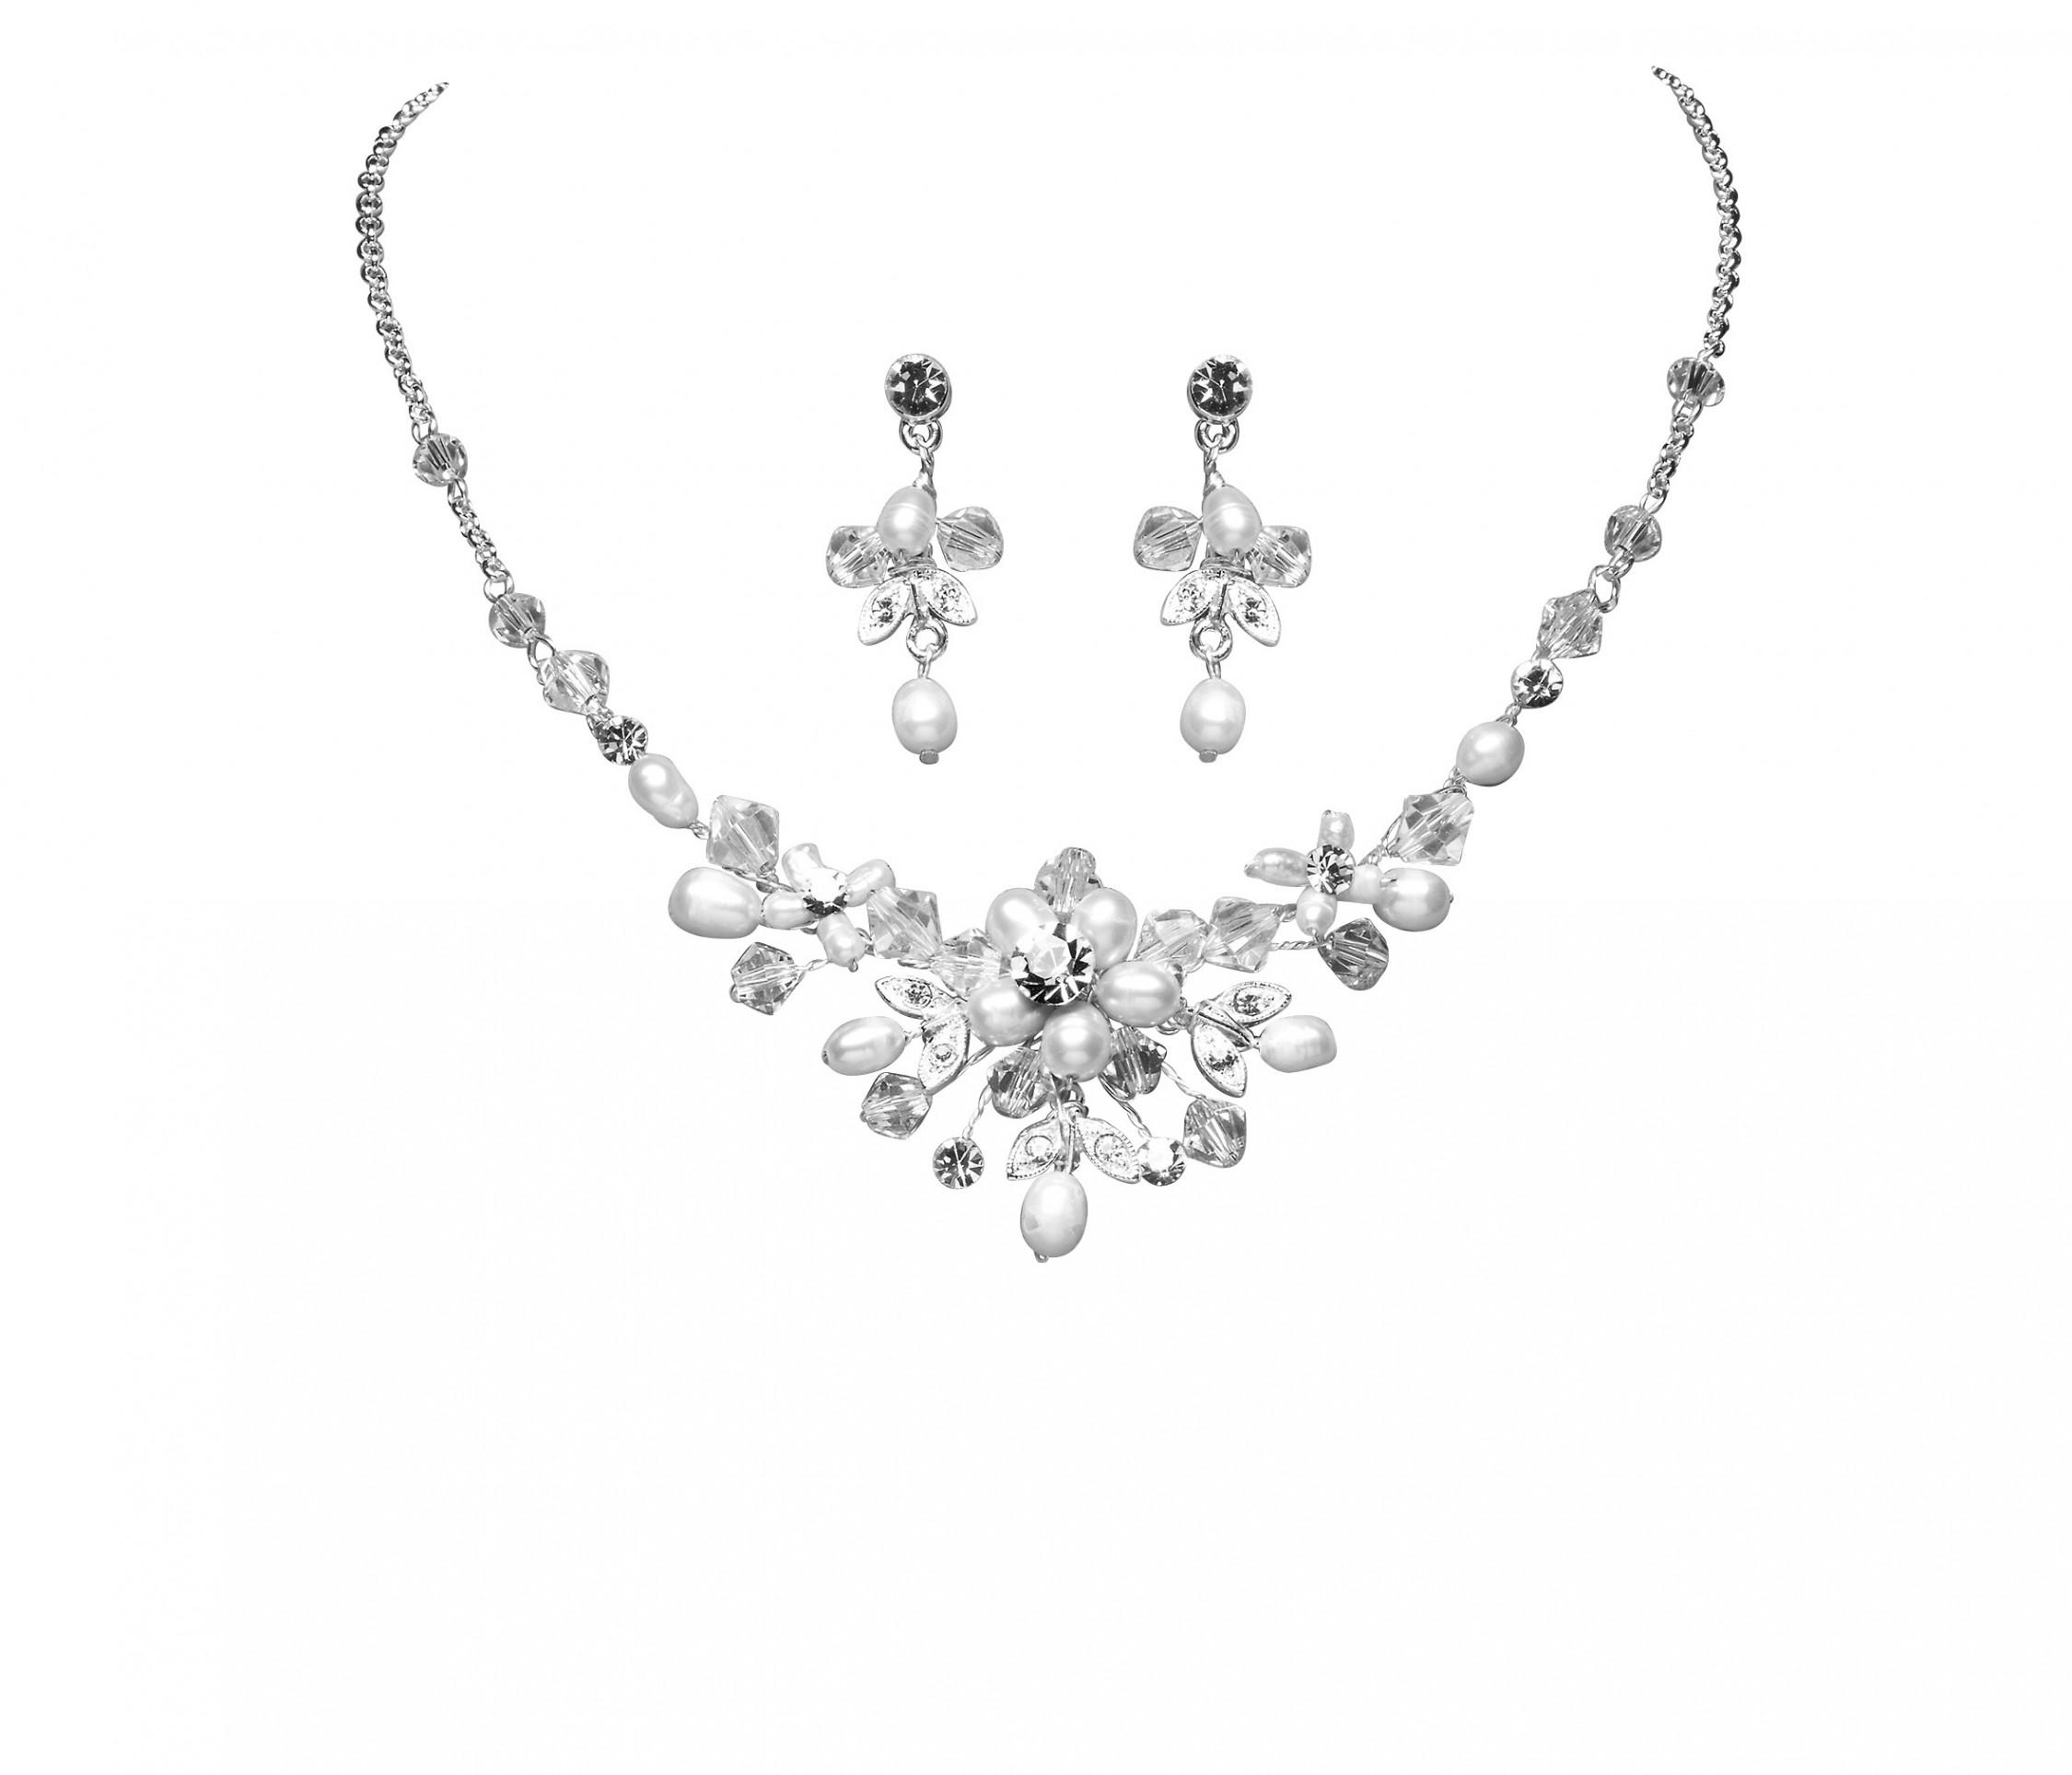 Hochzeitsschmuck  Hochzeitsschmuck Set Colliers Colliers Perlen